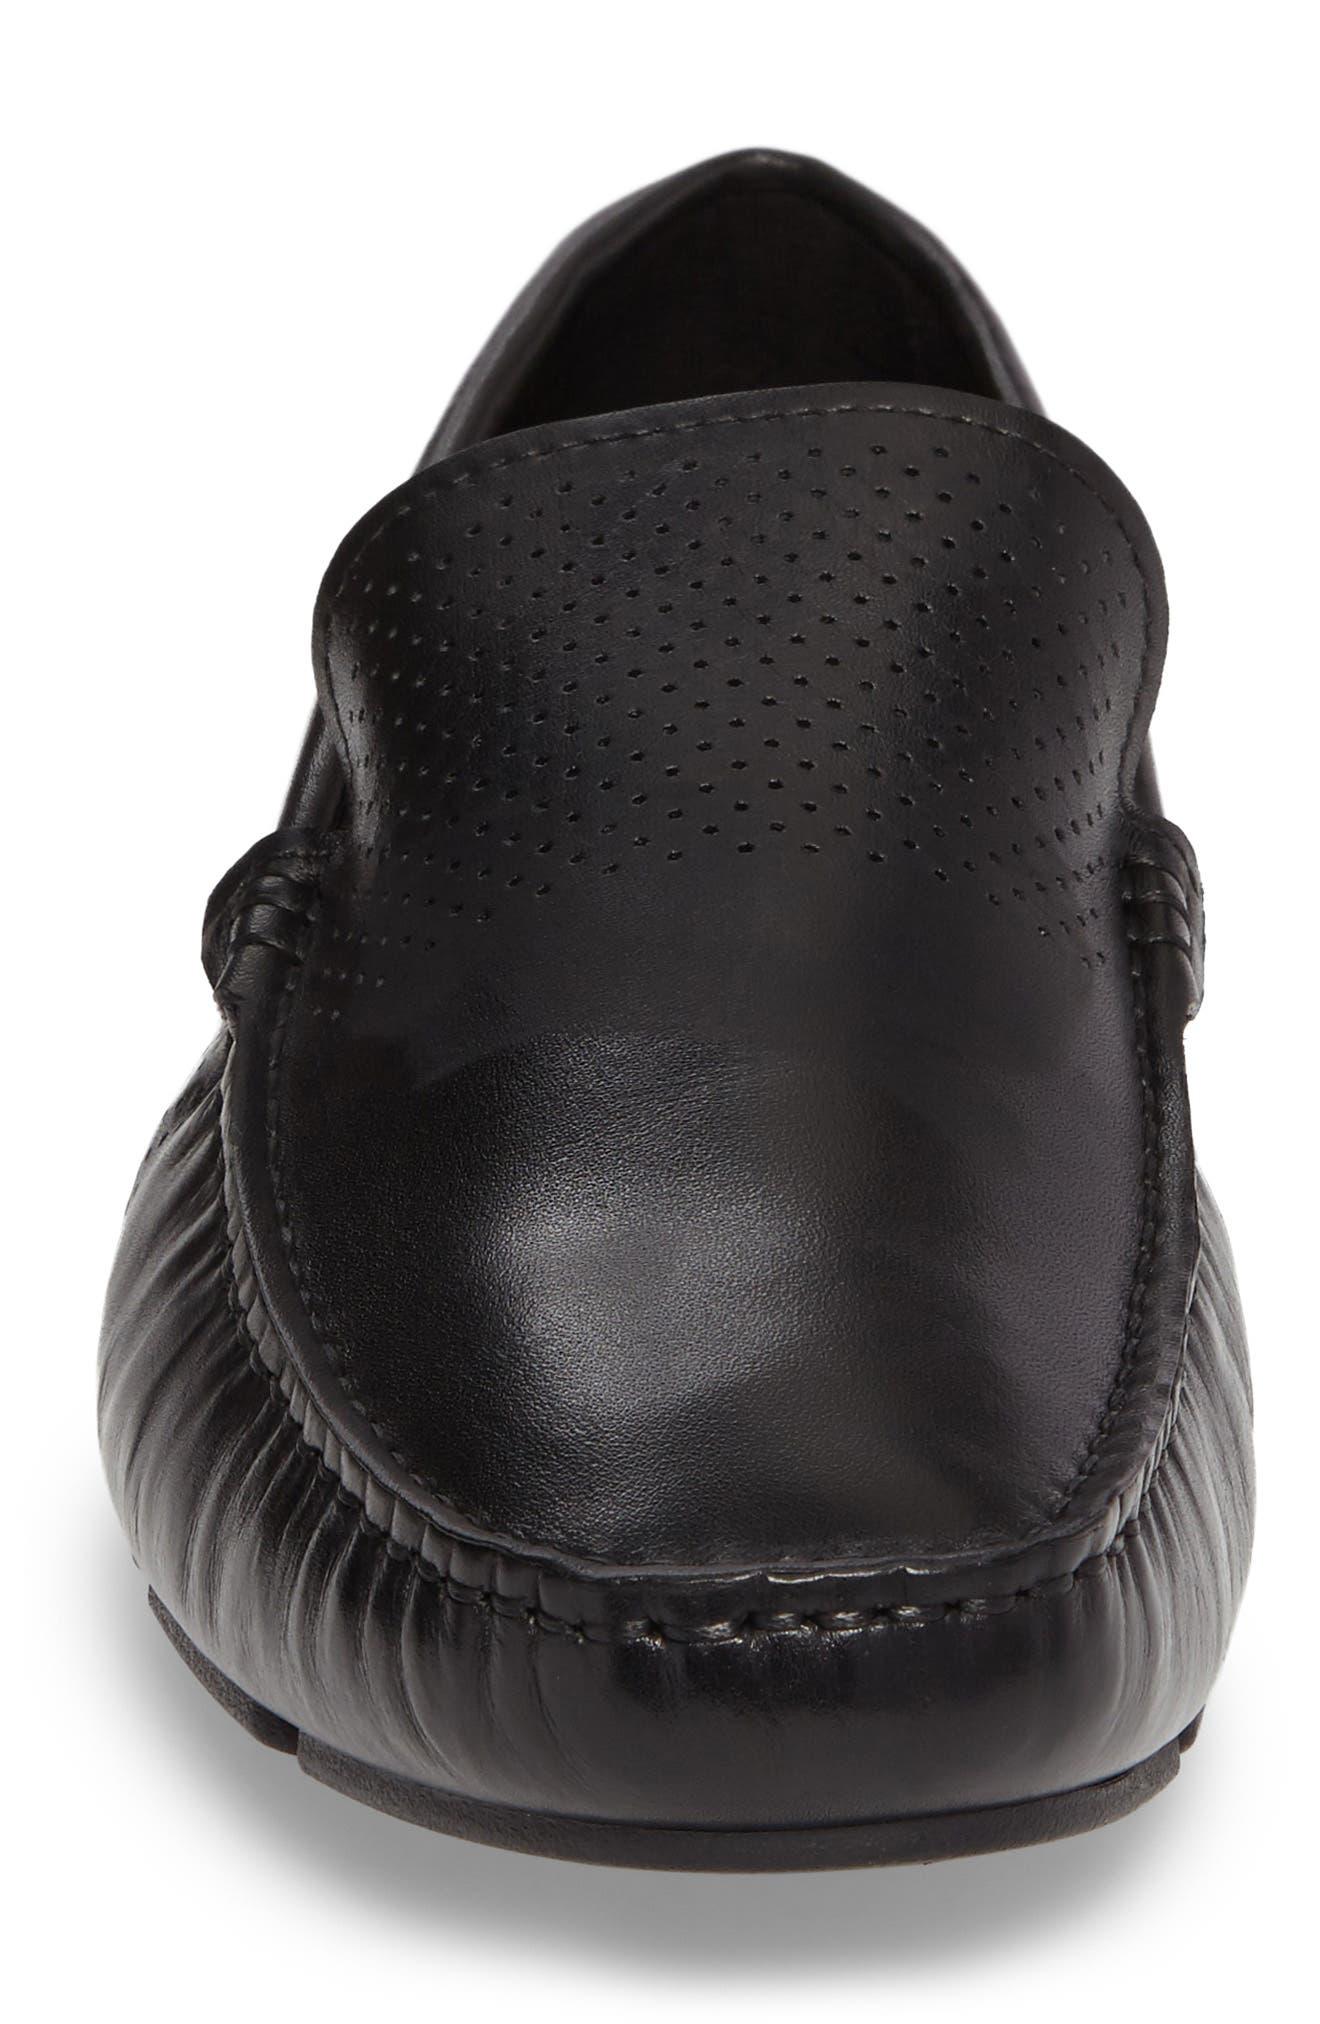 Multi-Task Driving Shoe,                             Alternate thumbnail 4, color,                             001